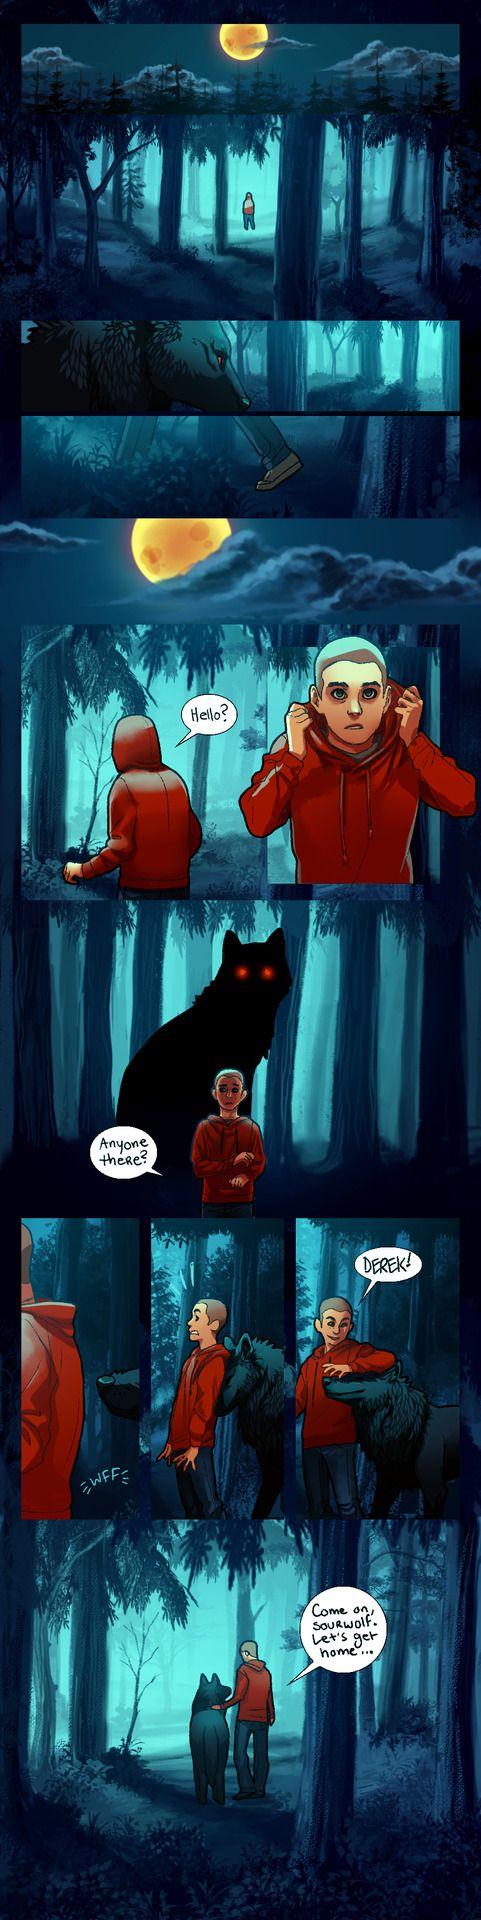 Awwwwwwwww!!!!!! I LOVE Wolf!Derek and Human!Stiles Sterek pics!!